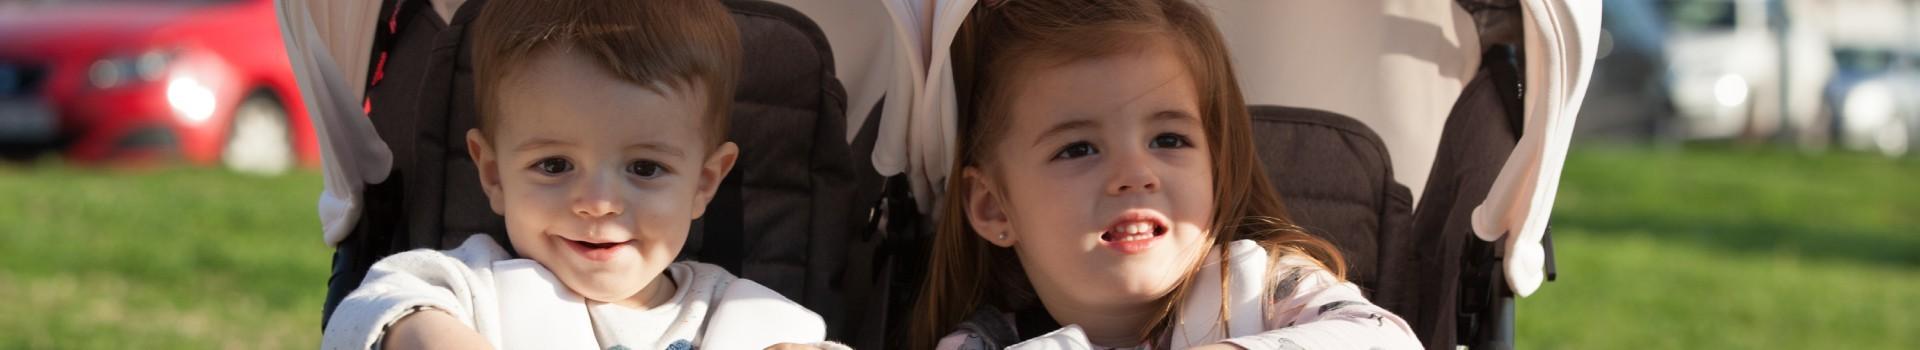 Sacos y guantes para la silla de paseo del bebé | Baby Monsters